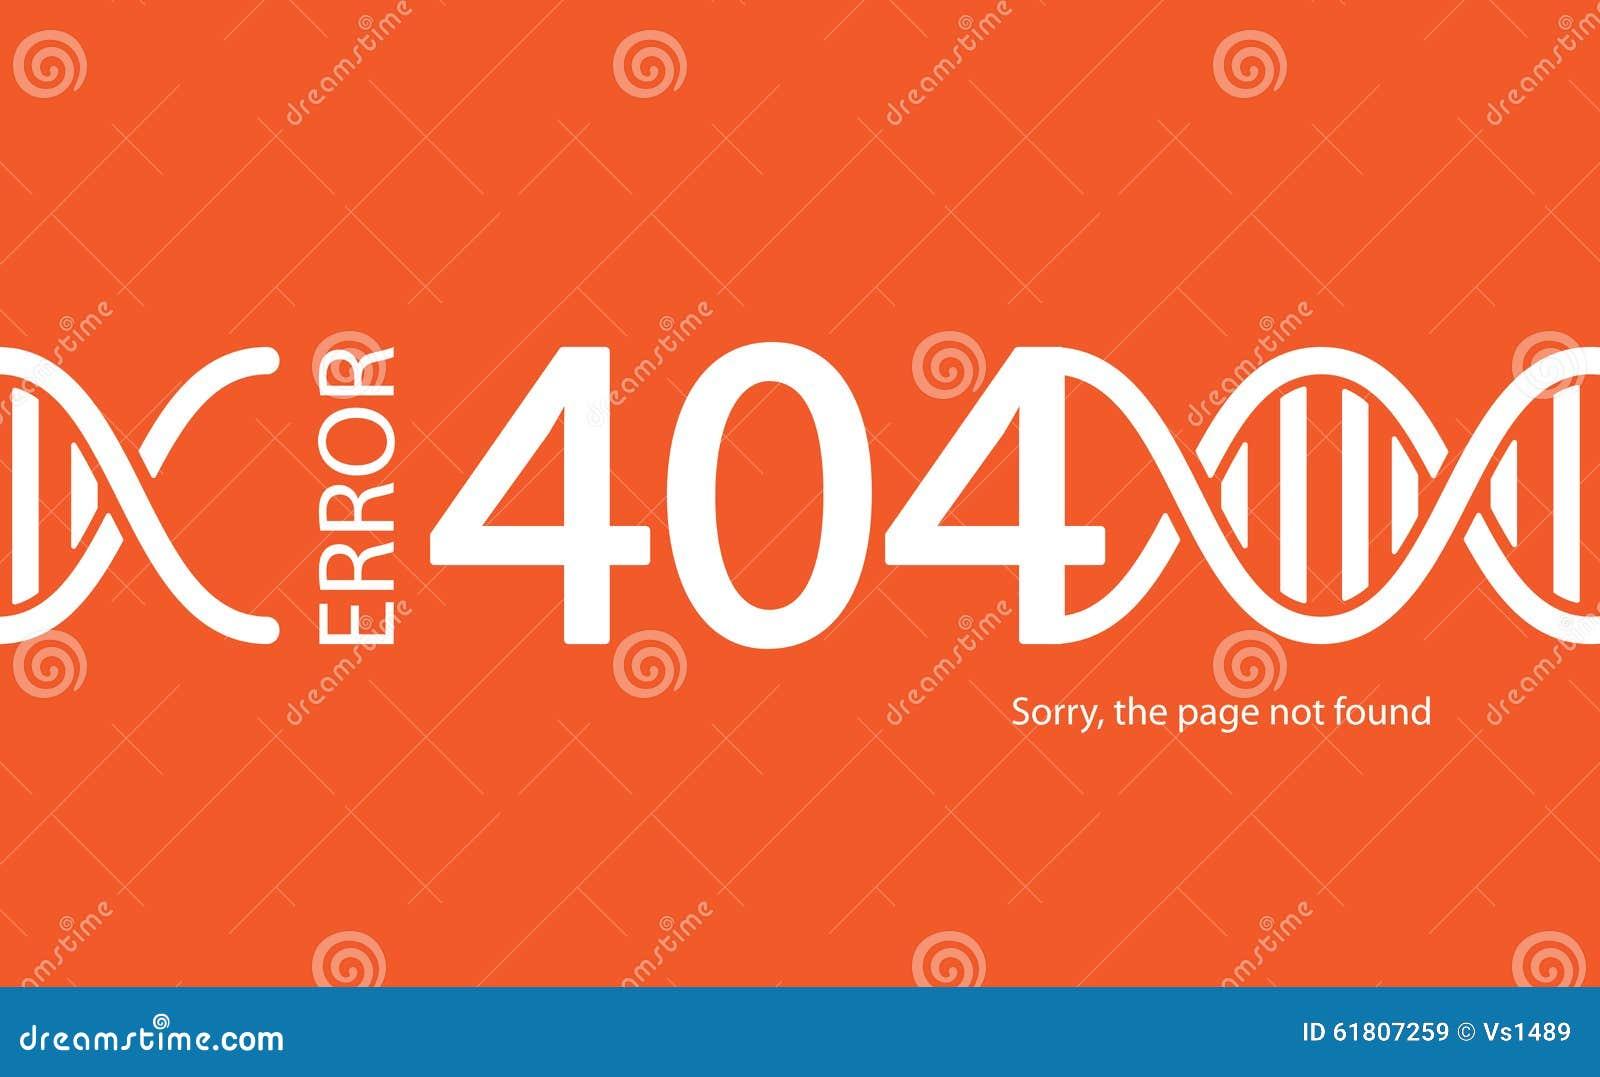 Fel 404 funnen inte sida Abstrakt bakgrund med avbrottsconnec